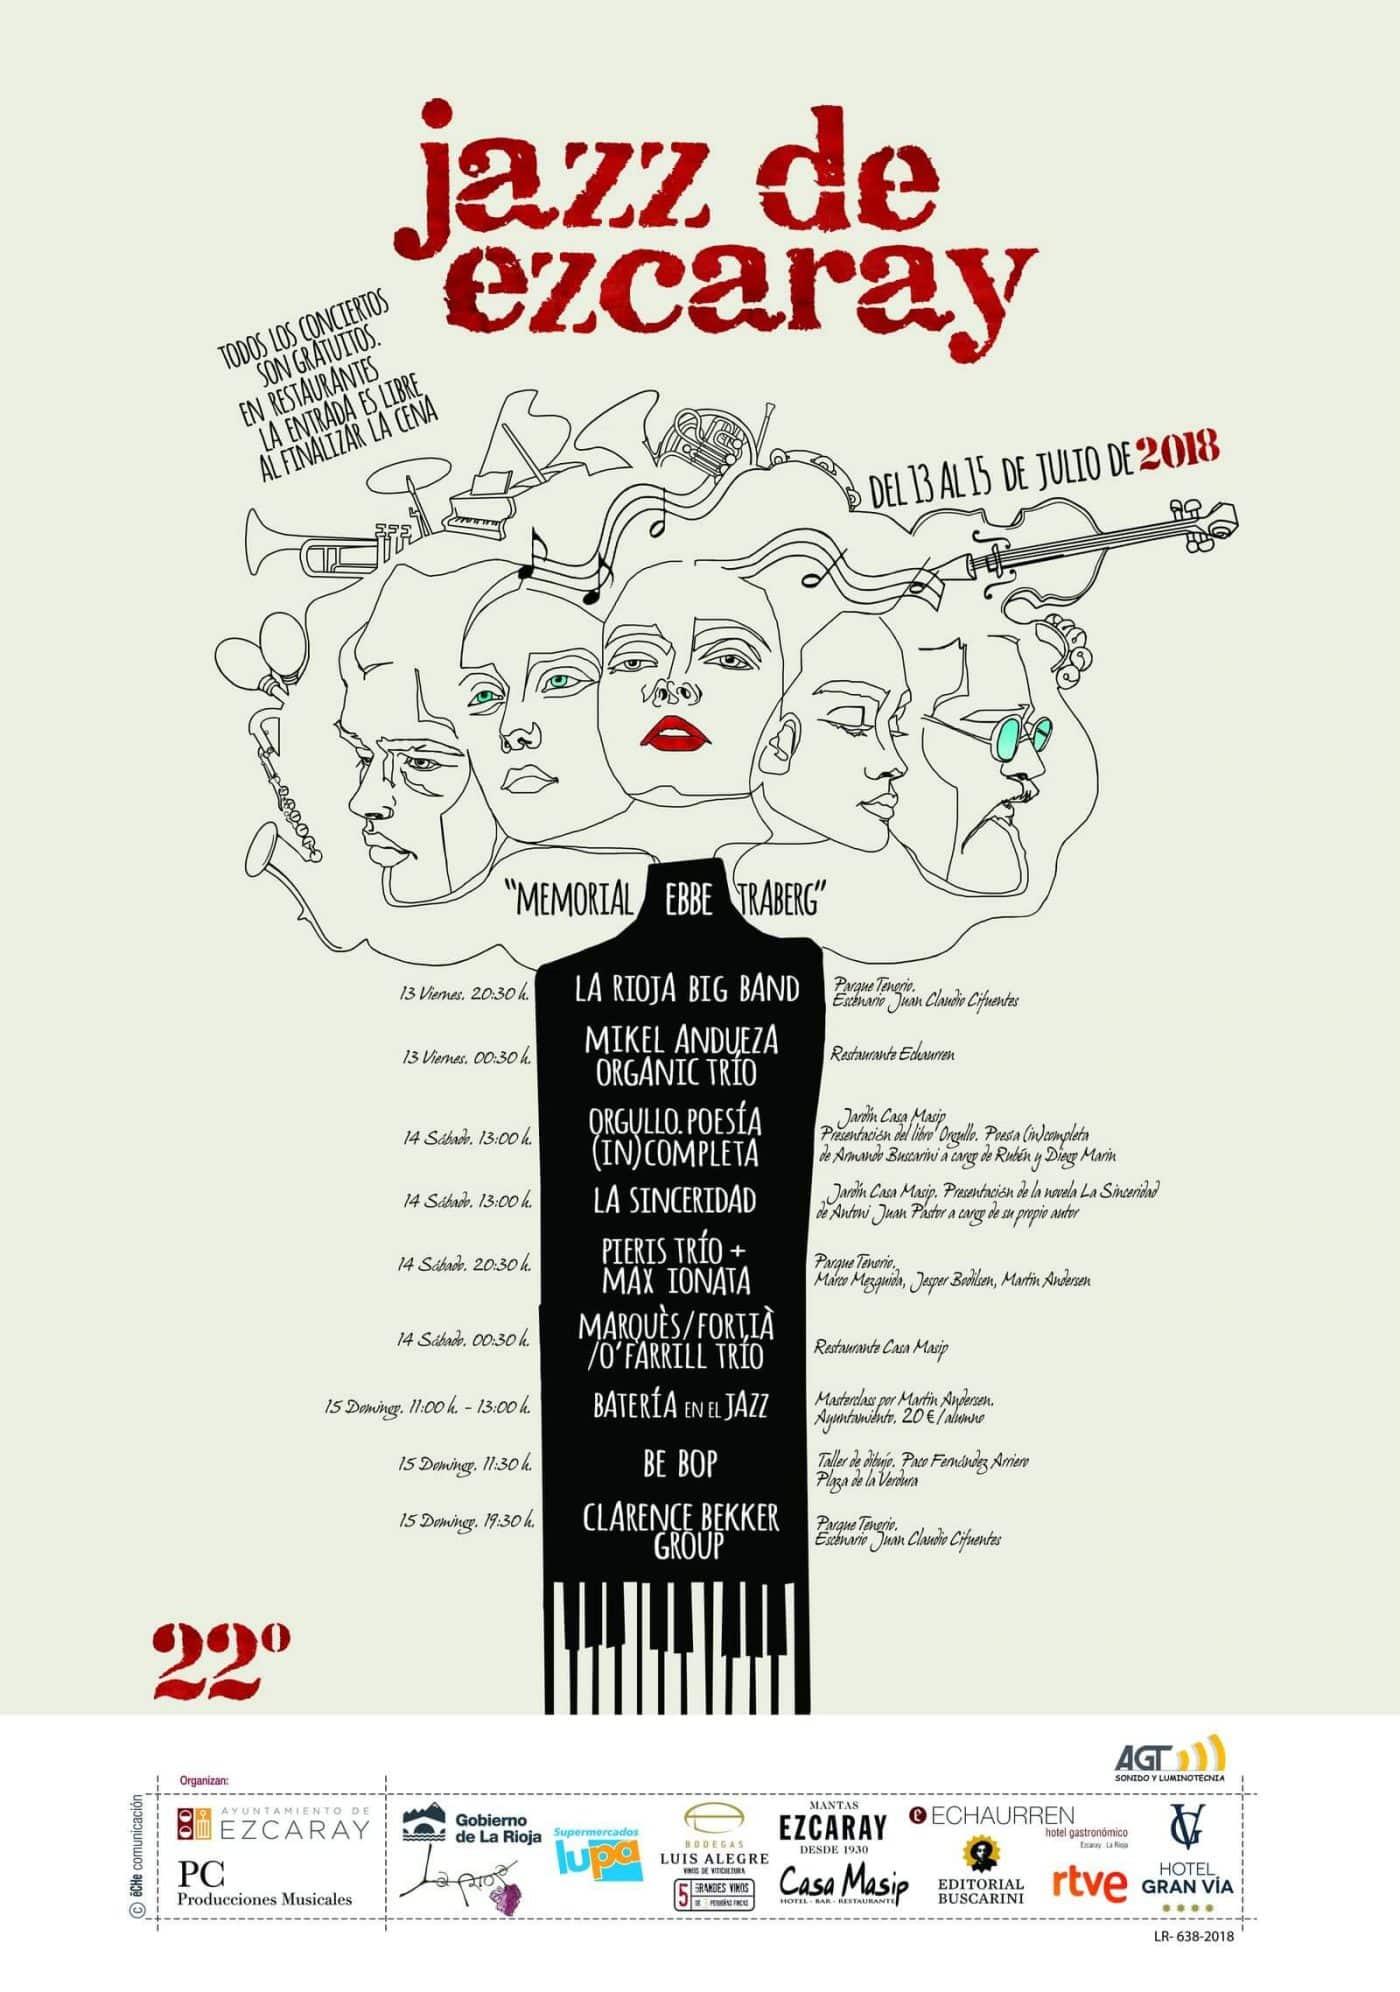 La Rioja Big Band y Mikel Andueza abren este viernes el Festival de Jazz de Ezcaray 2